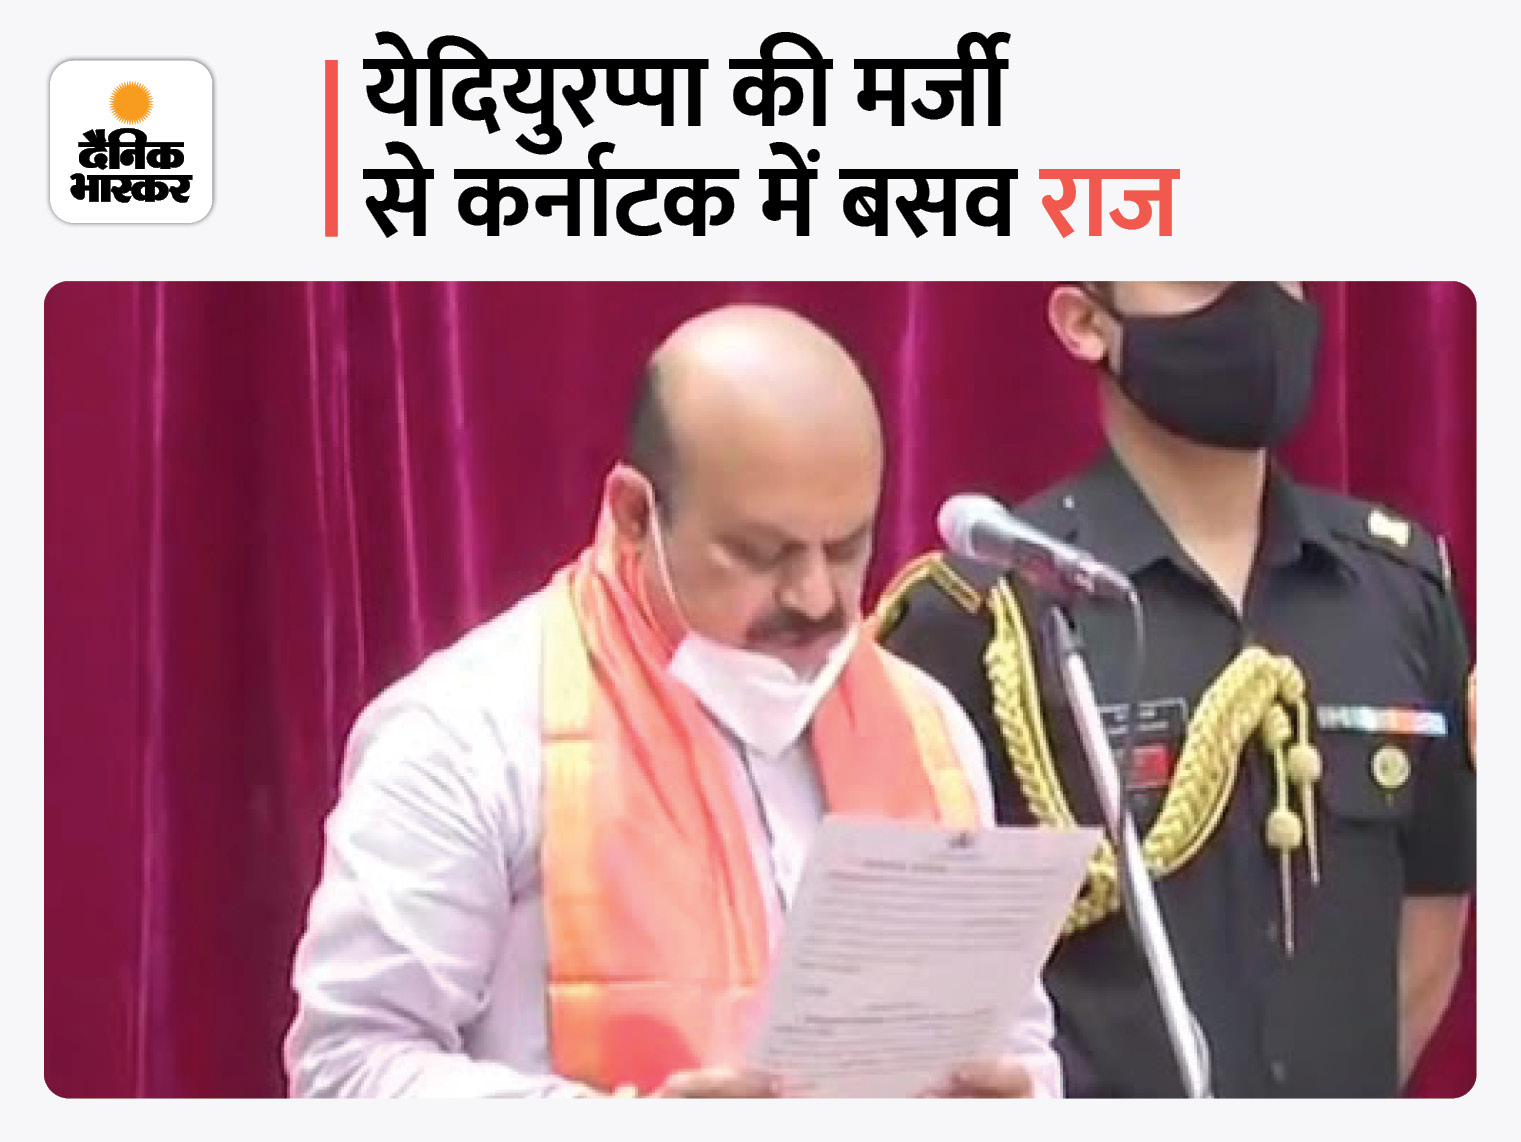 बसवराज बोम्मई ने मुख्यमंत्री पद की शपथ ली, येदियुरप्पा ने ही सुझाया था उनका नाम; लिंगायत समुदाय भी राजी|देश,National - Dainik Bhaskar